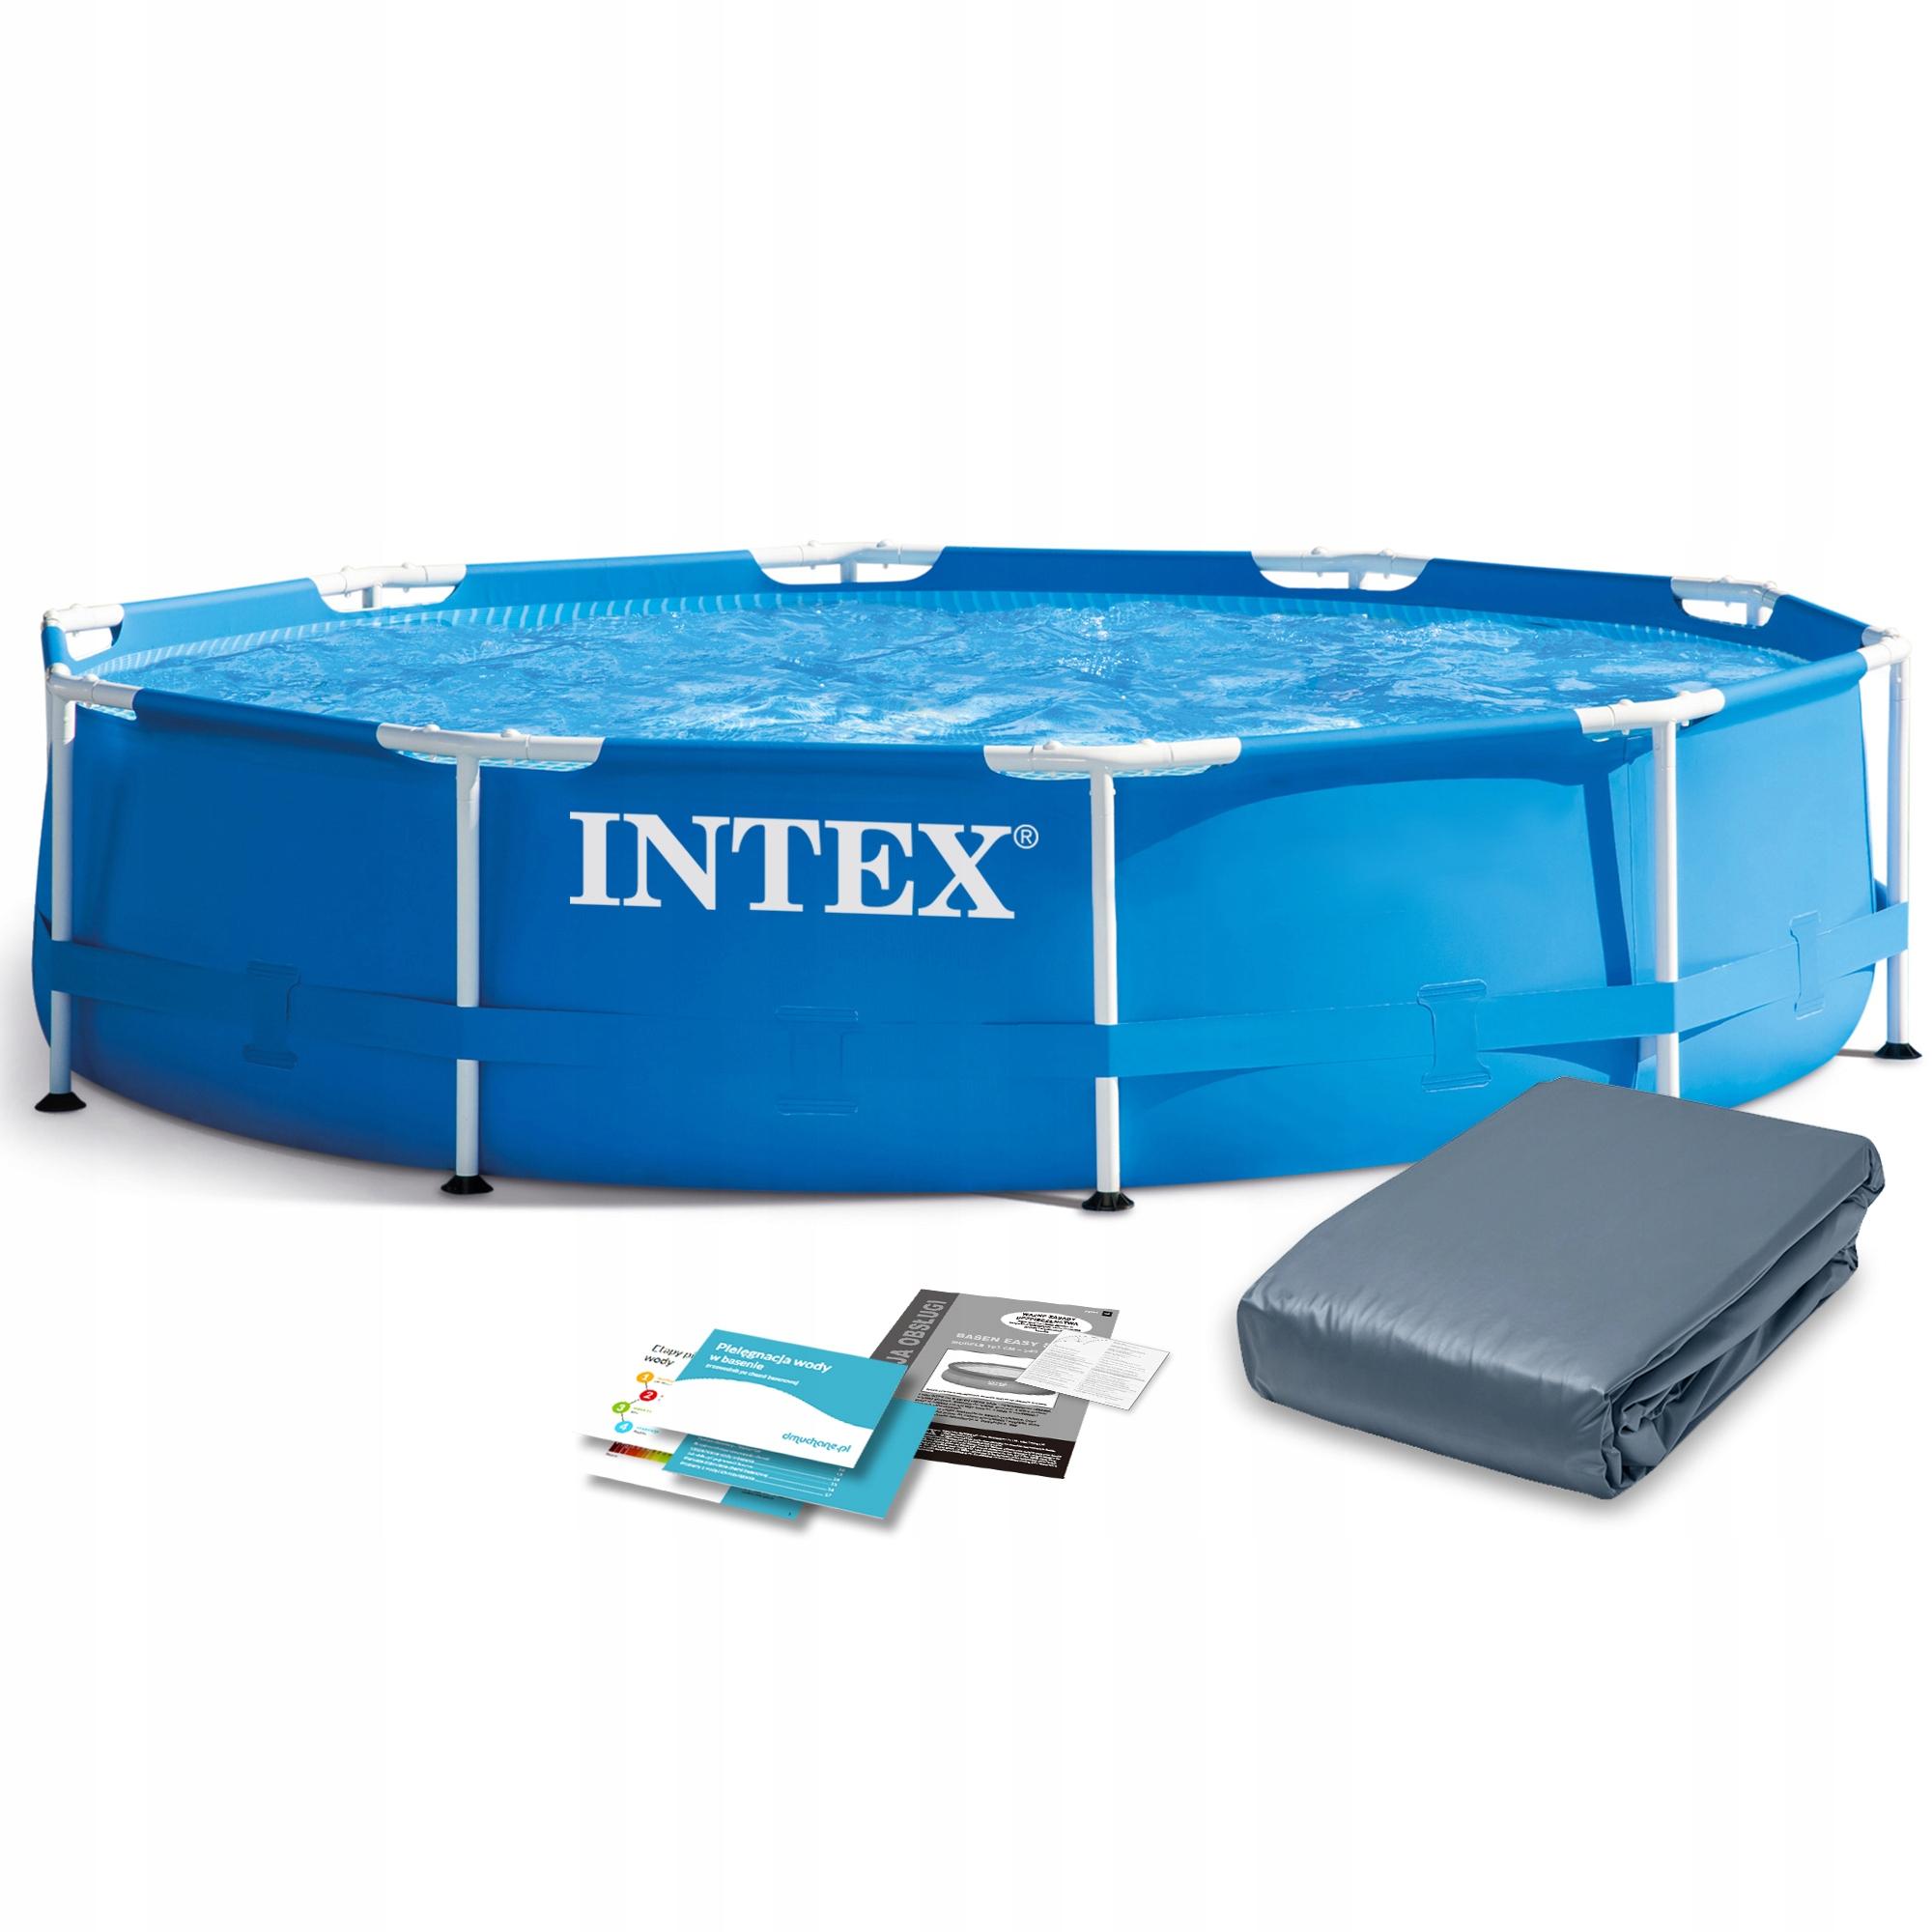 Садовый бассейн для монтажа в стойку INTEX 305x76 28200 6w1